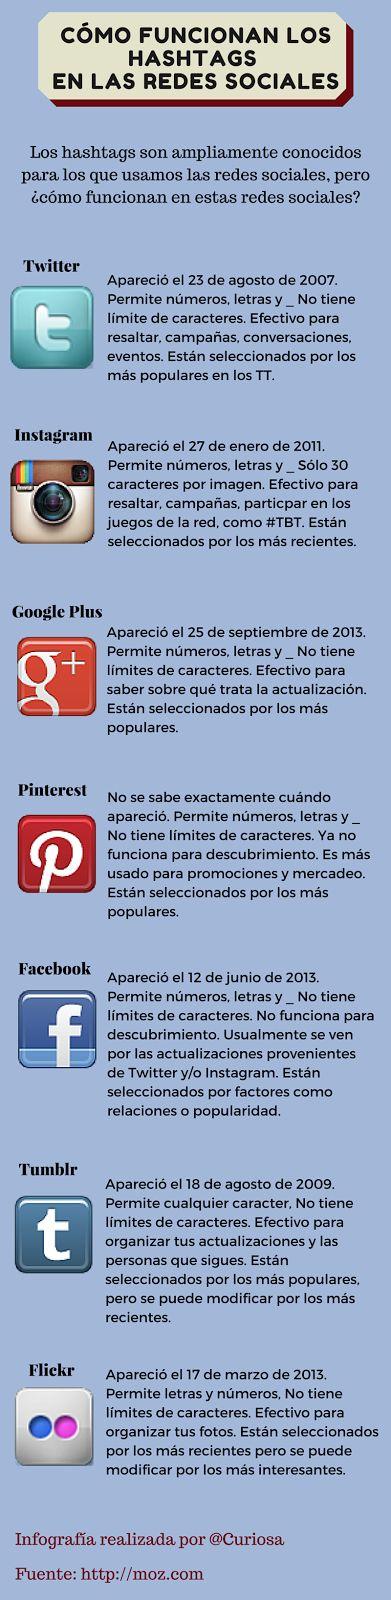 Cómo funcionan los hashtags en las redes sociales ~ Curioseando